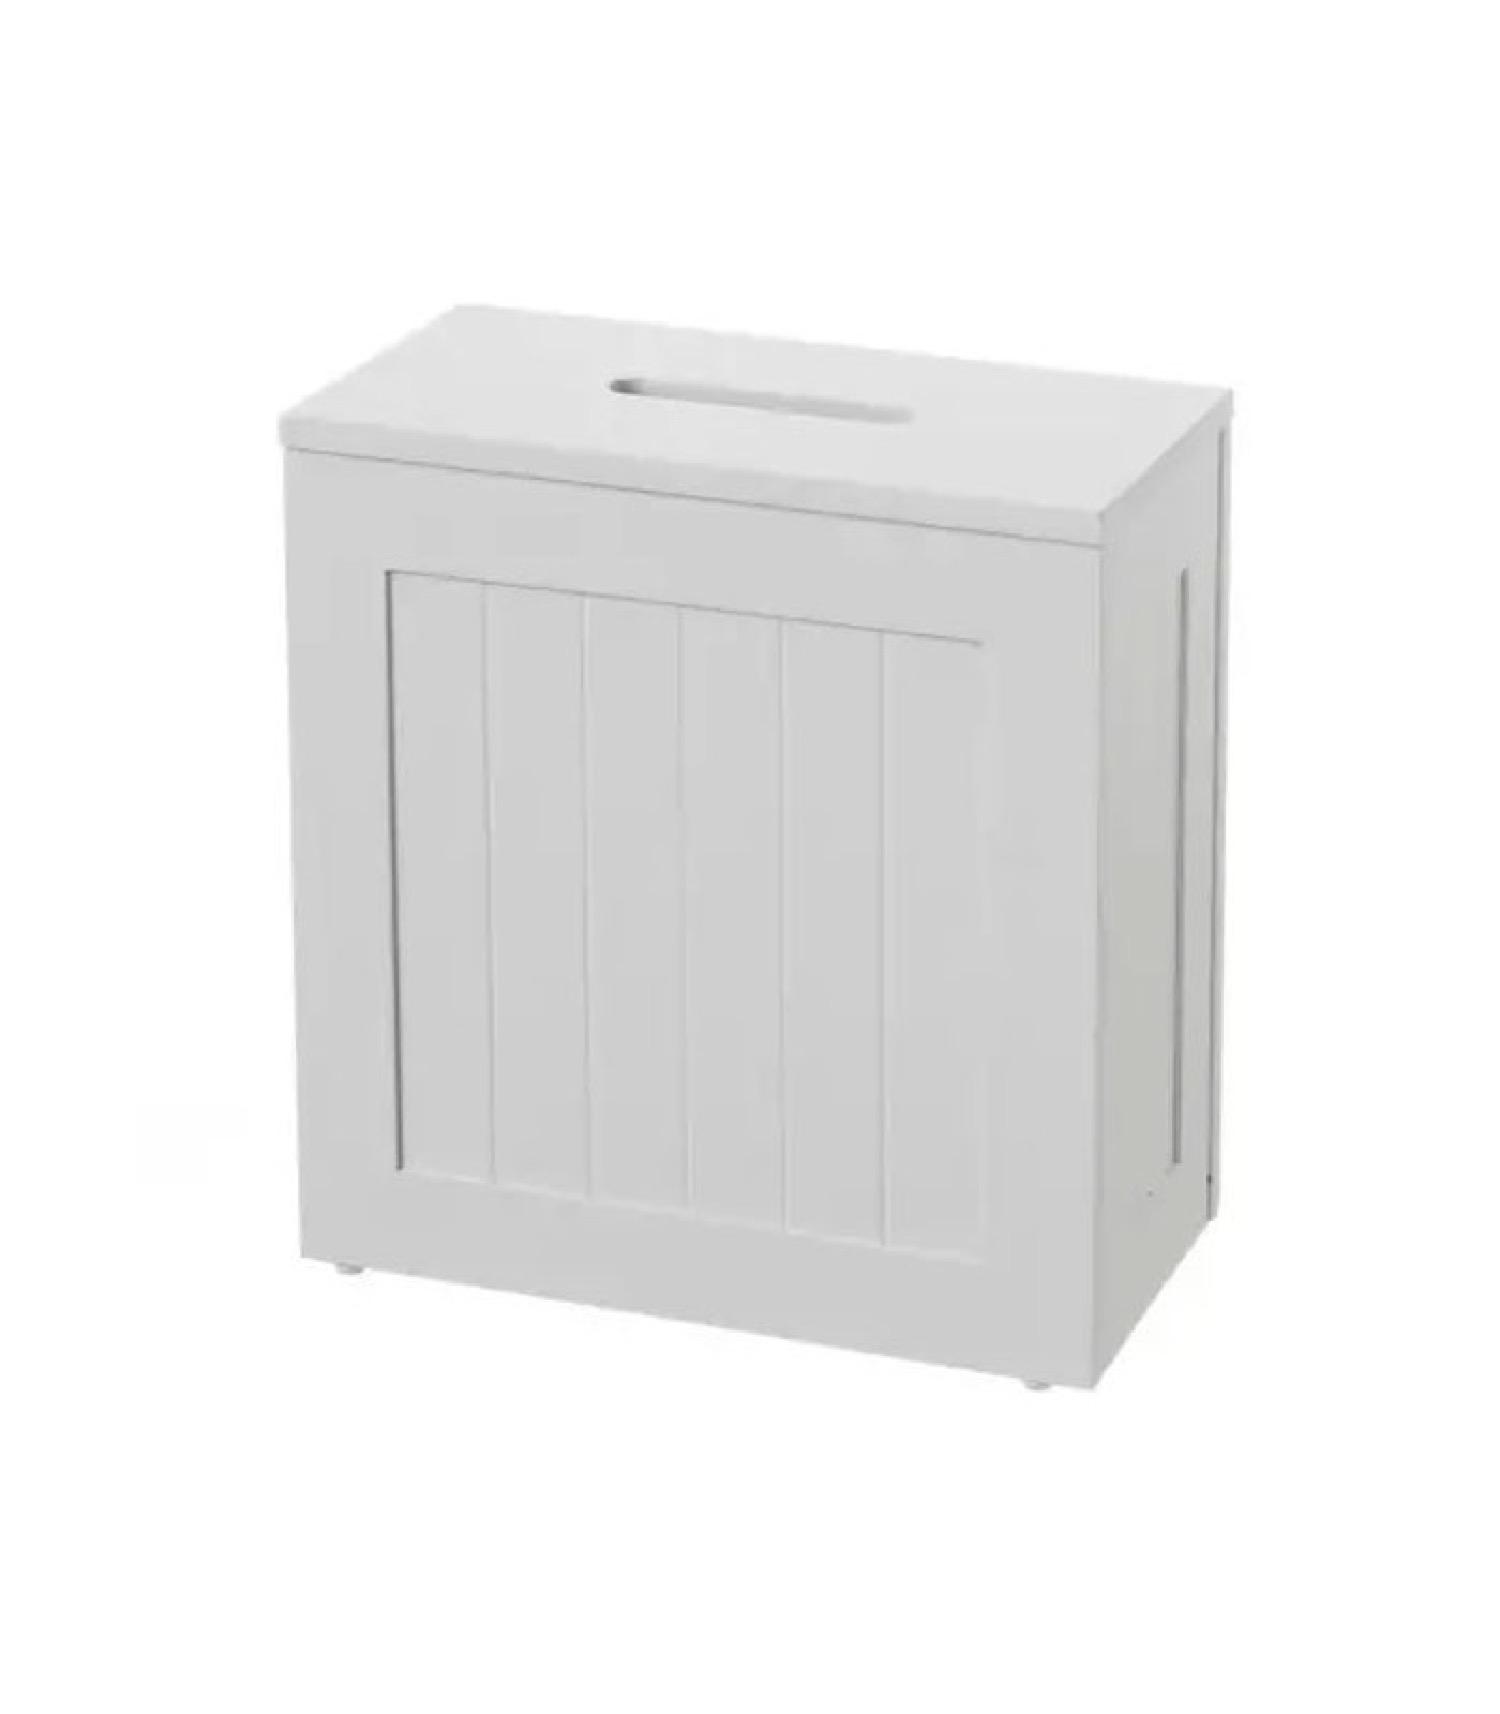 Rangement stock rouleaux papier toilette bois MDF blanc